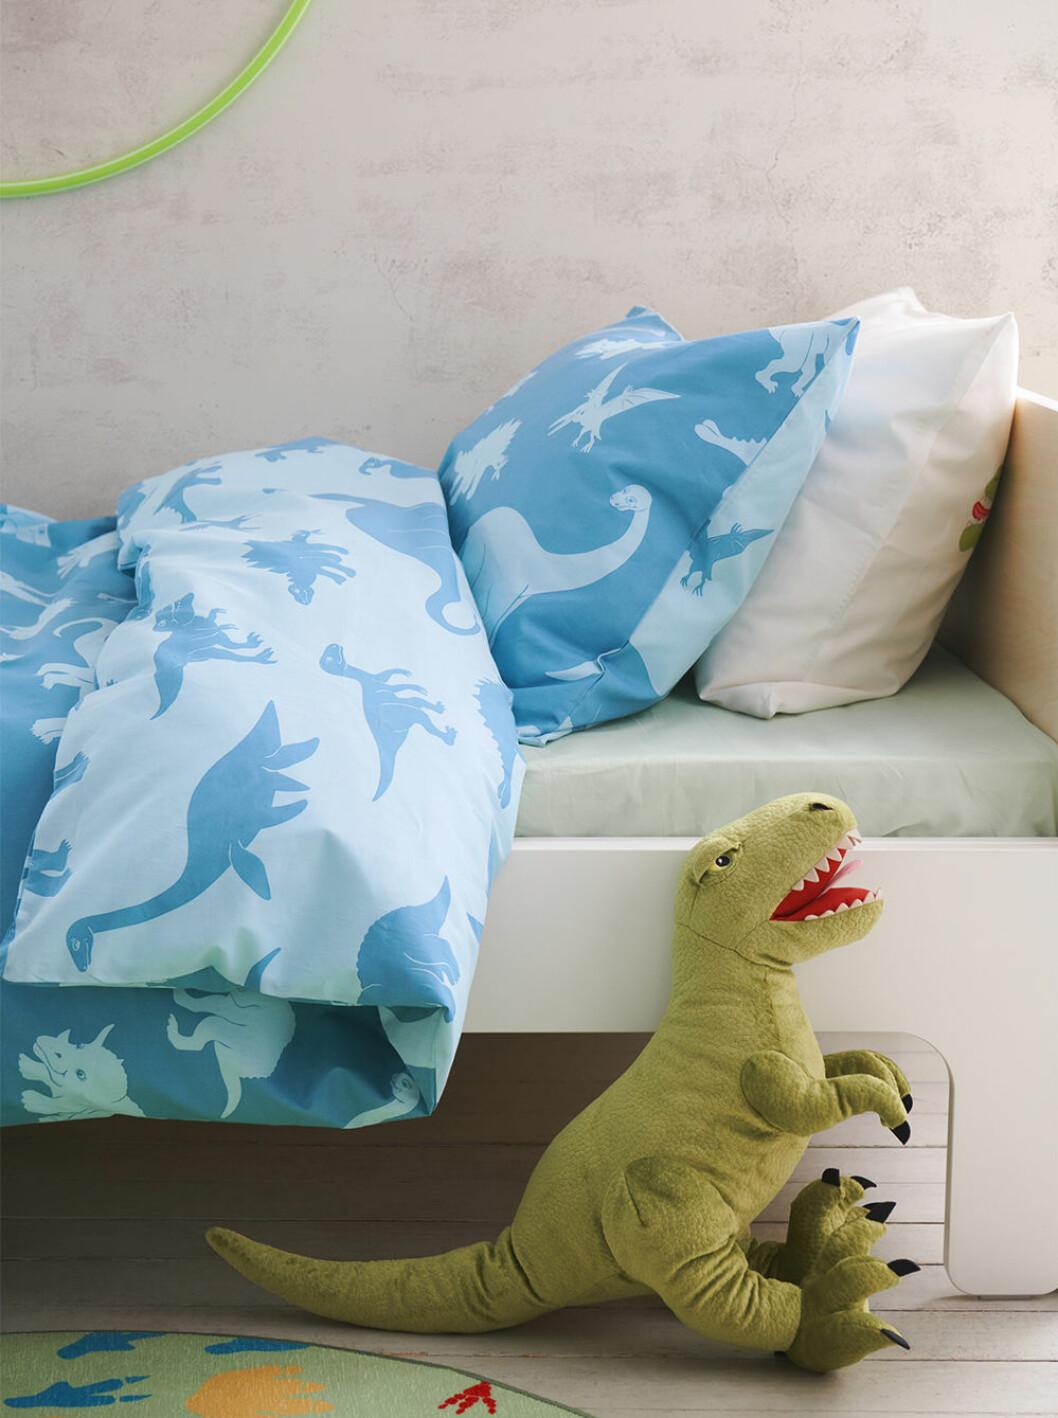 Påslakan med dinosaurier från Ikea